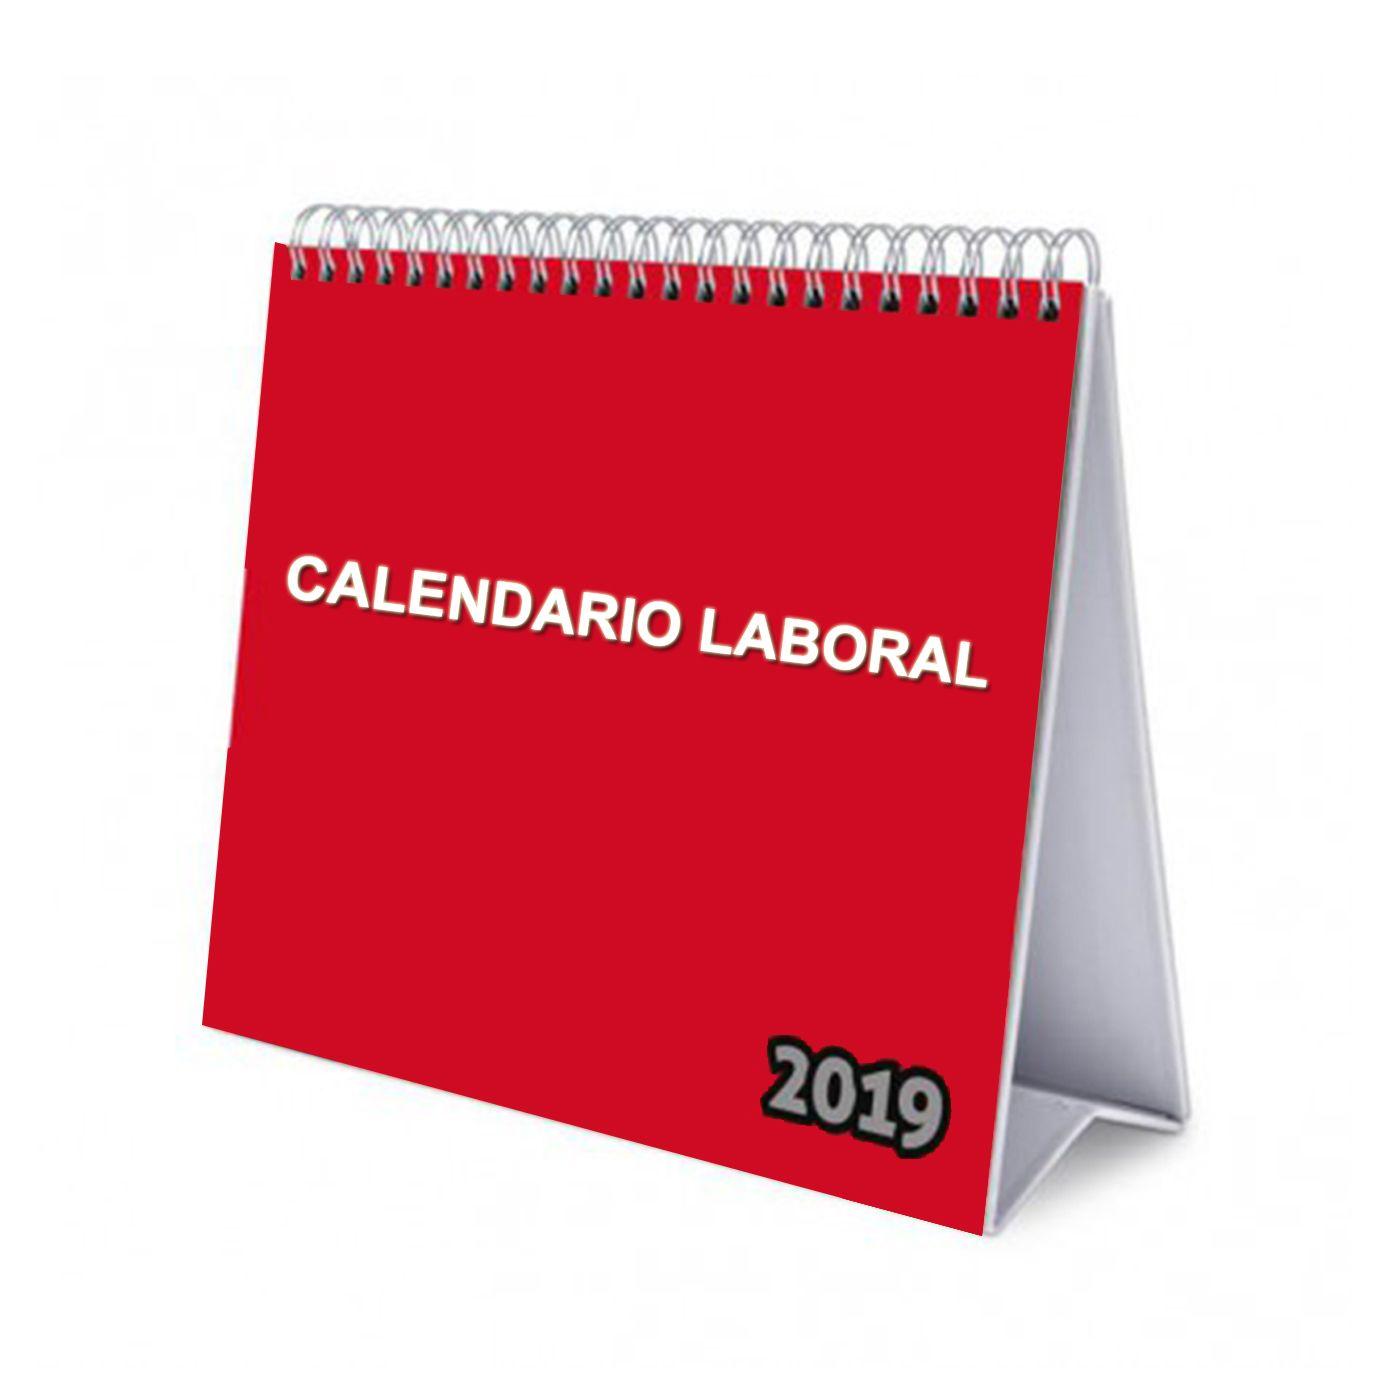 Calendario Laboral Gipuzkoa 2019.Pinchando Sobre La Imagen Encontraras El Calendario Laboral De